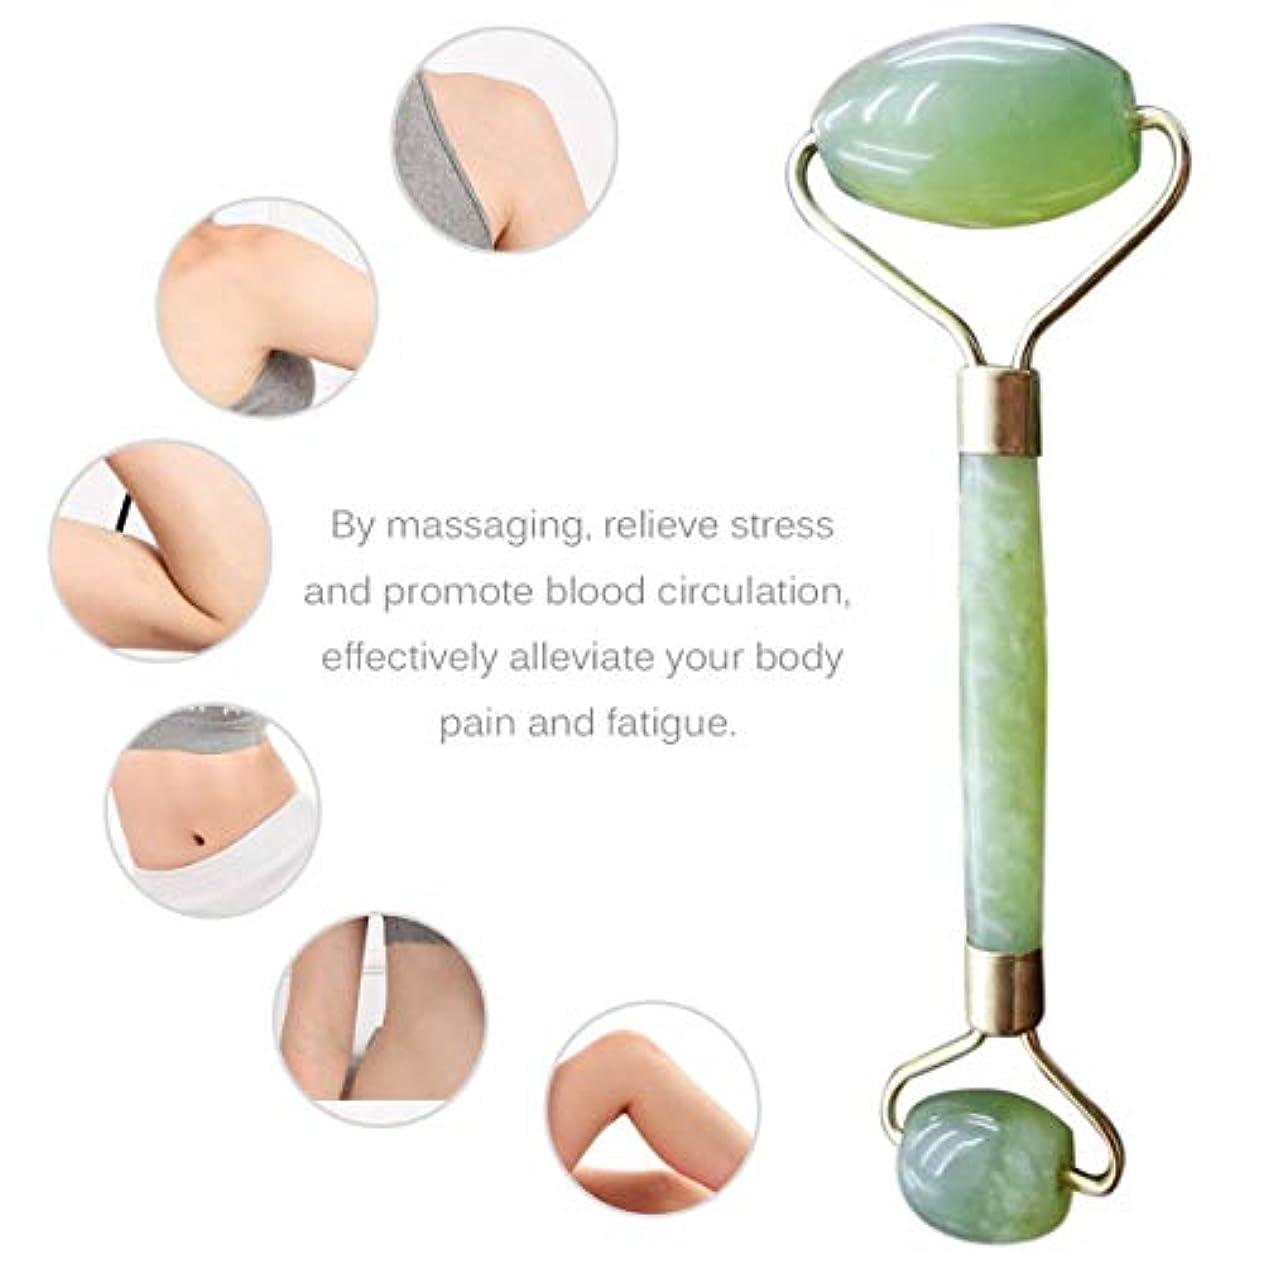 七面鳥まもなくロードハウスDouble Heads Natural Jade Face Care Massager Handheld Anti Wrinkle Healthy Face Body Foot Massage Tools Best Gift